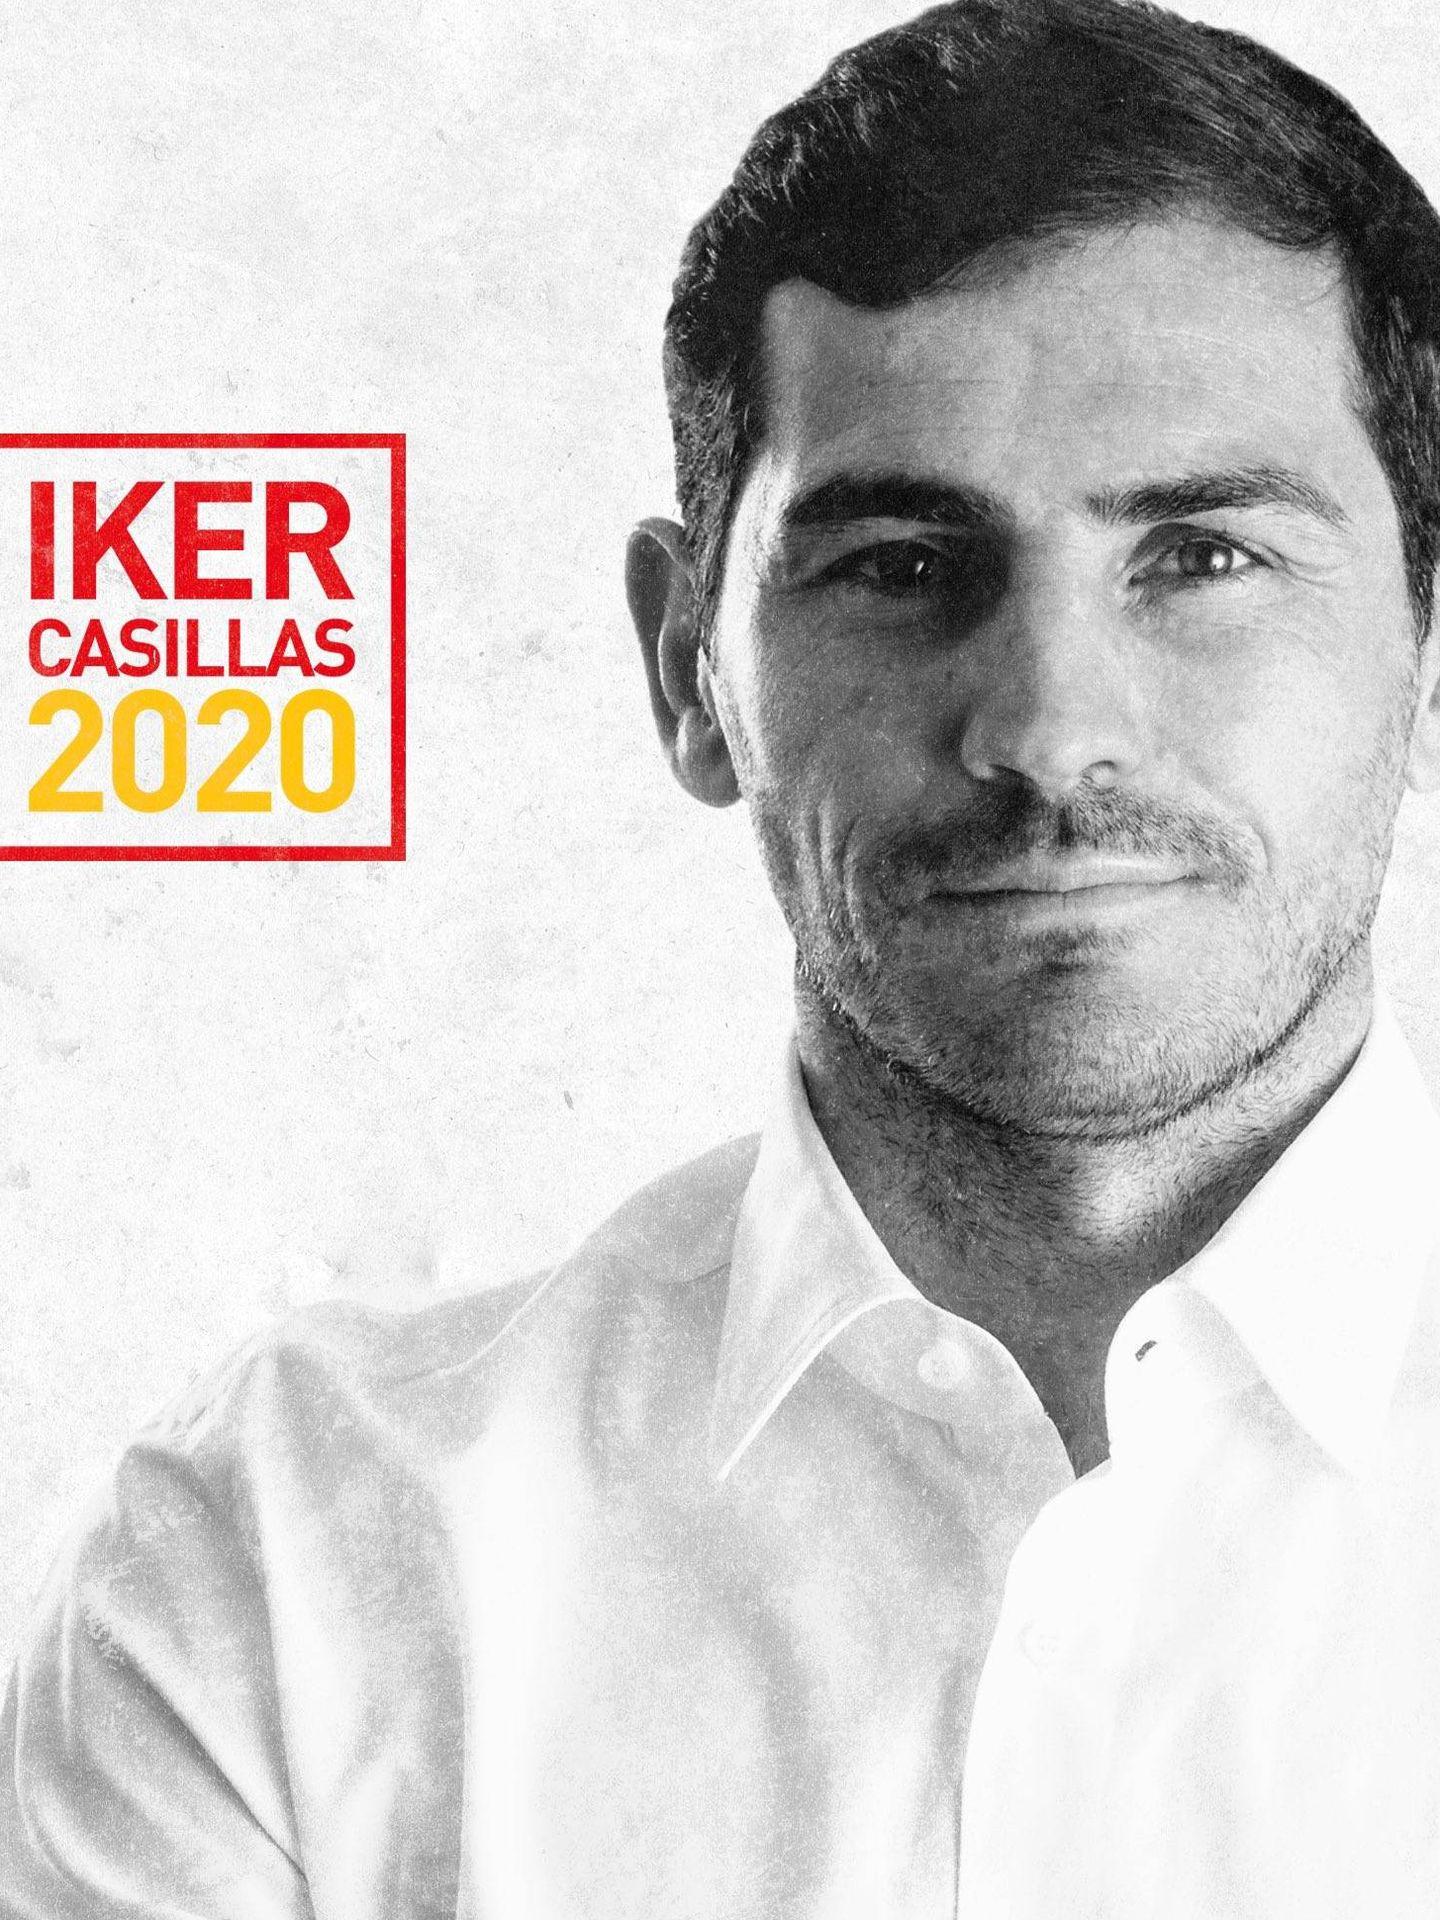 Imagen de la candidatura de Iker Casillas a la presidencia de la RFEF.